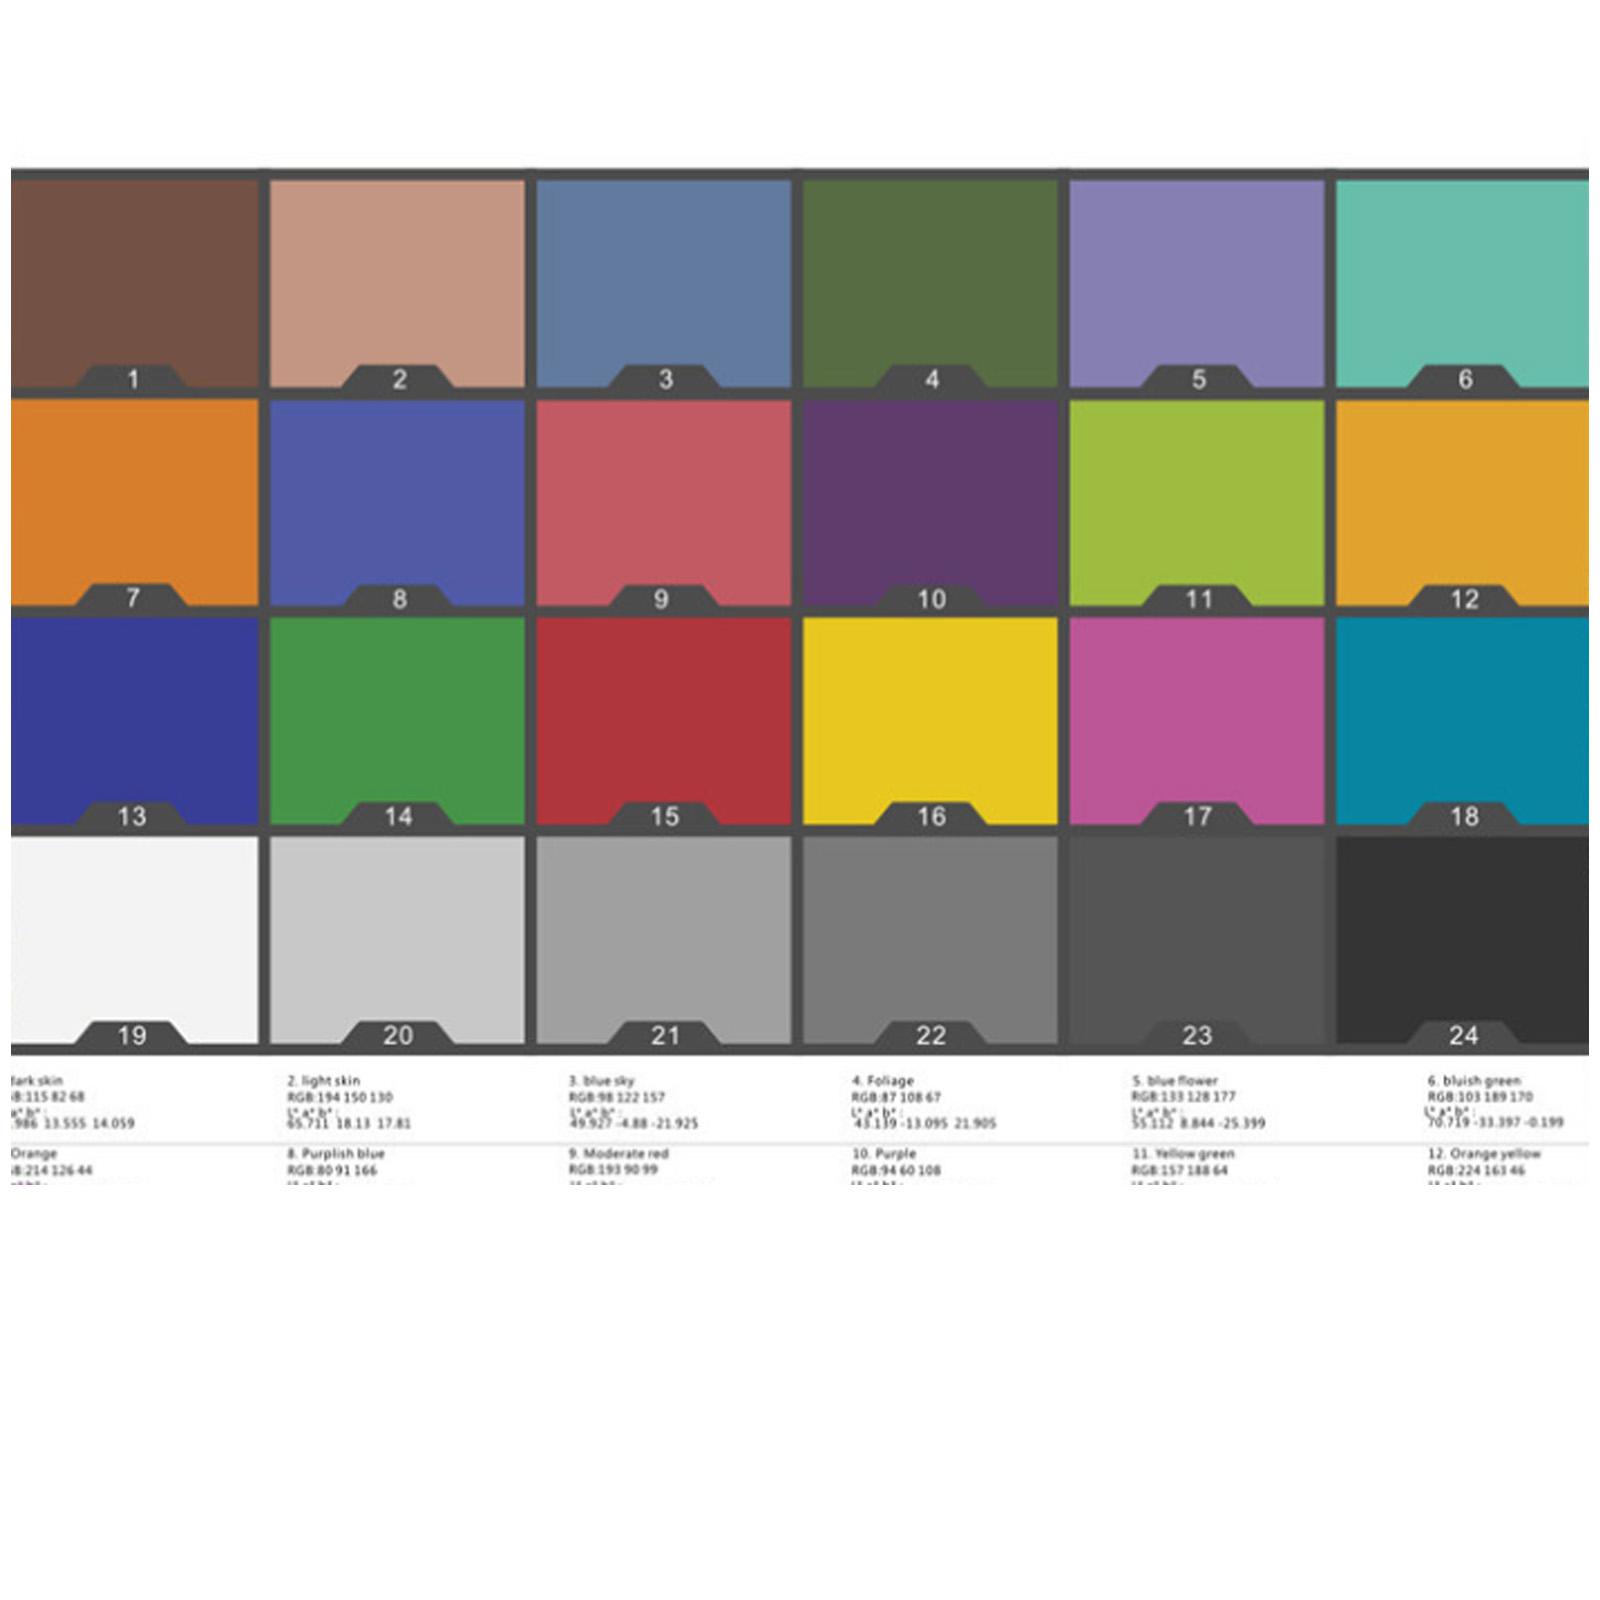 24 Parche Colores Color Passport clásico test de tarjeta de balance de blancos para Munsell caliente